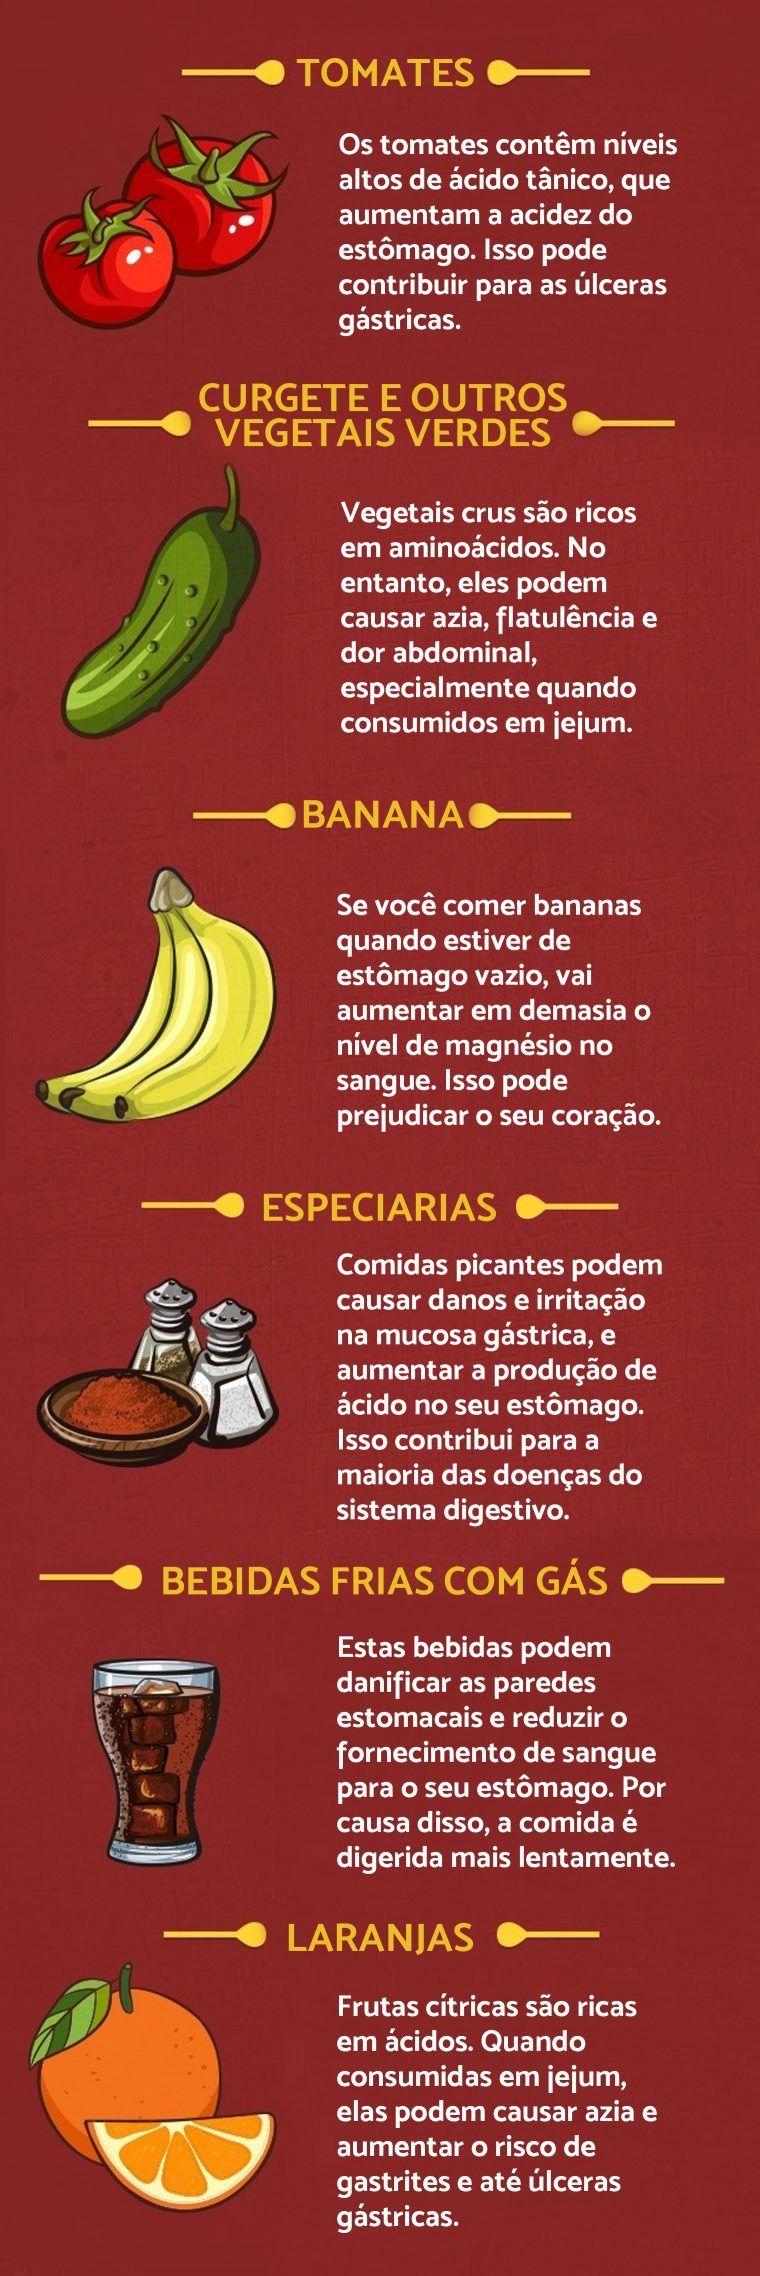 20-alimentos-para-evitar-comer-quando-estiver-de-estomago-vazio-2